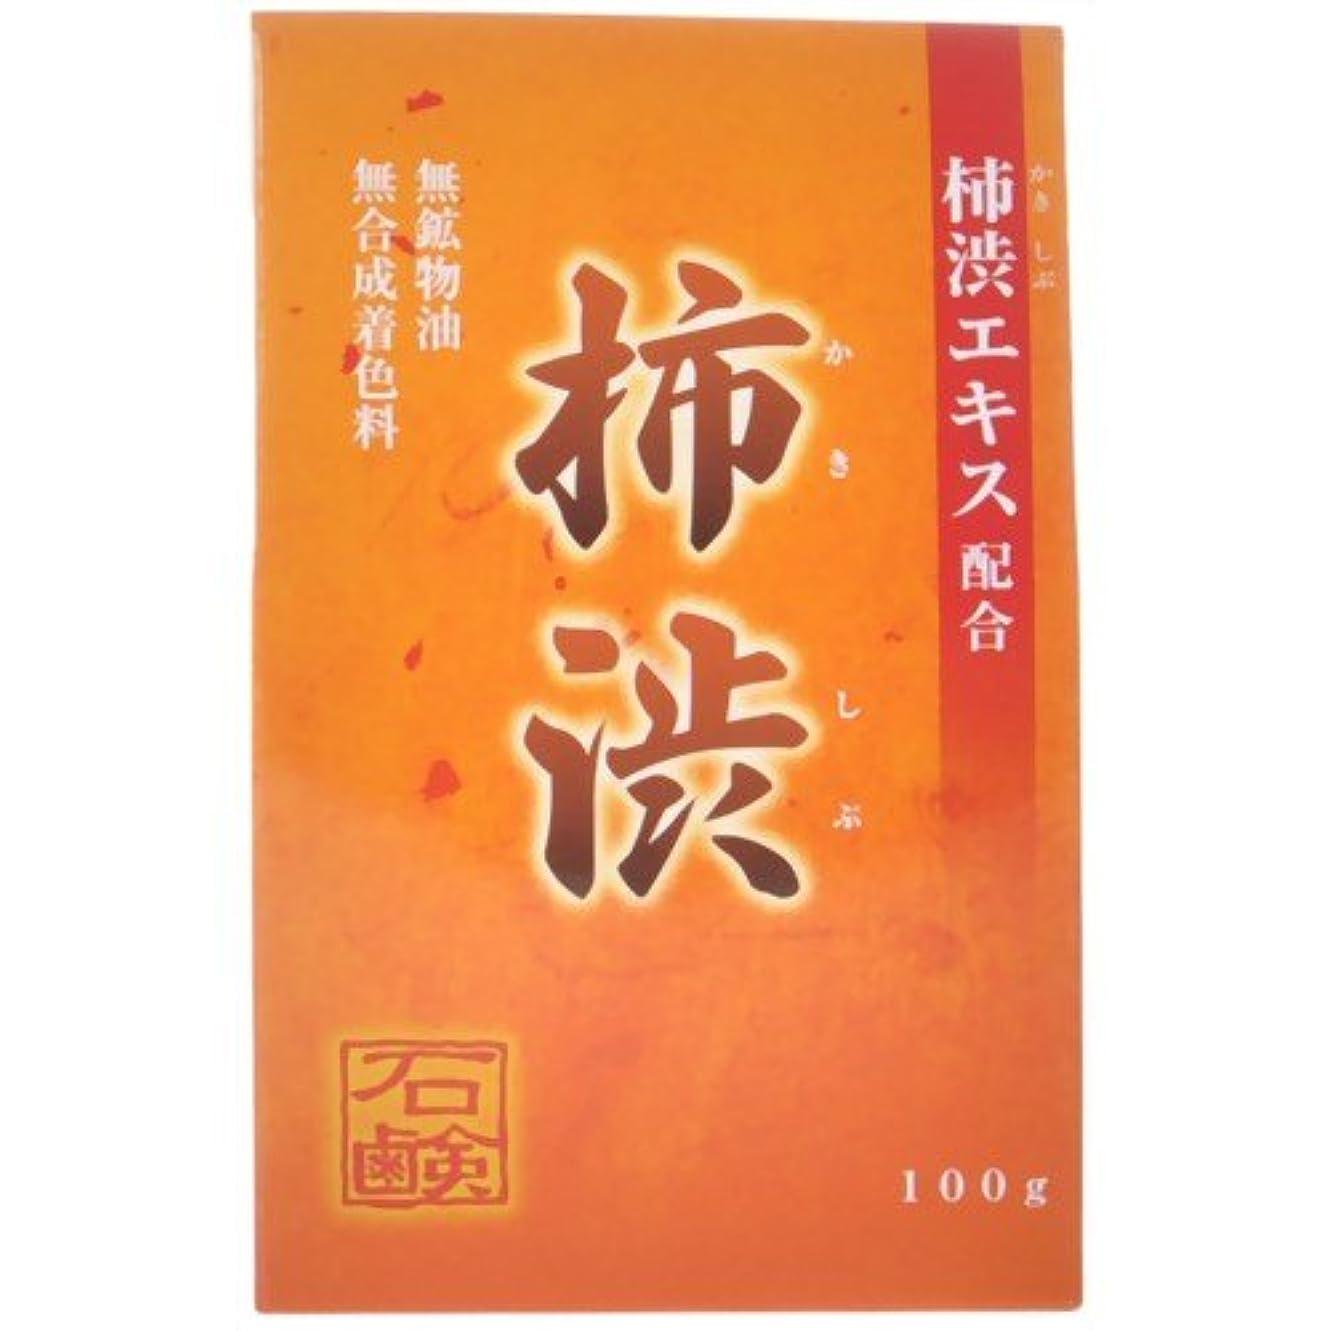 ソファーラビリンス篭柿渋石鹸 100g